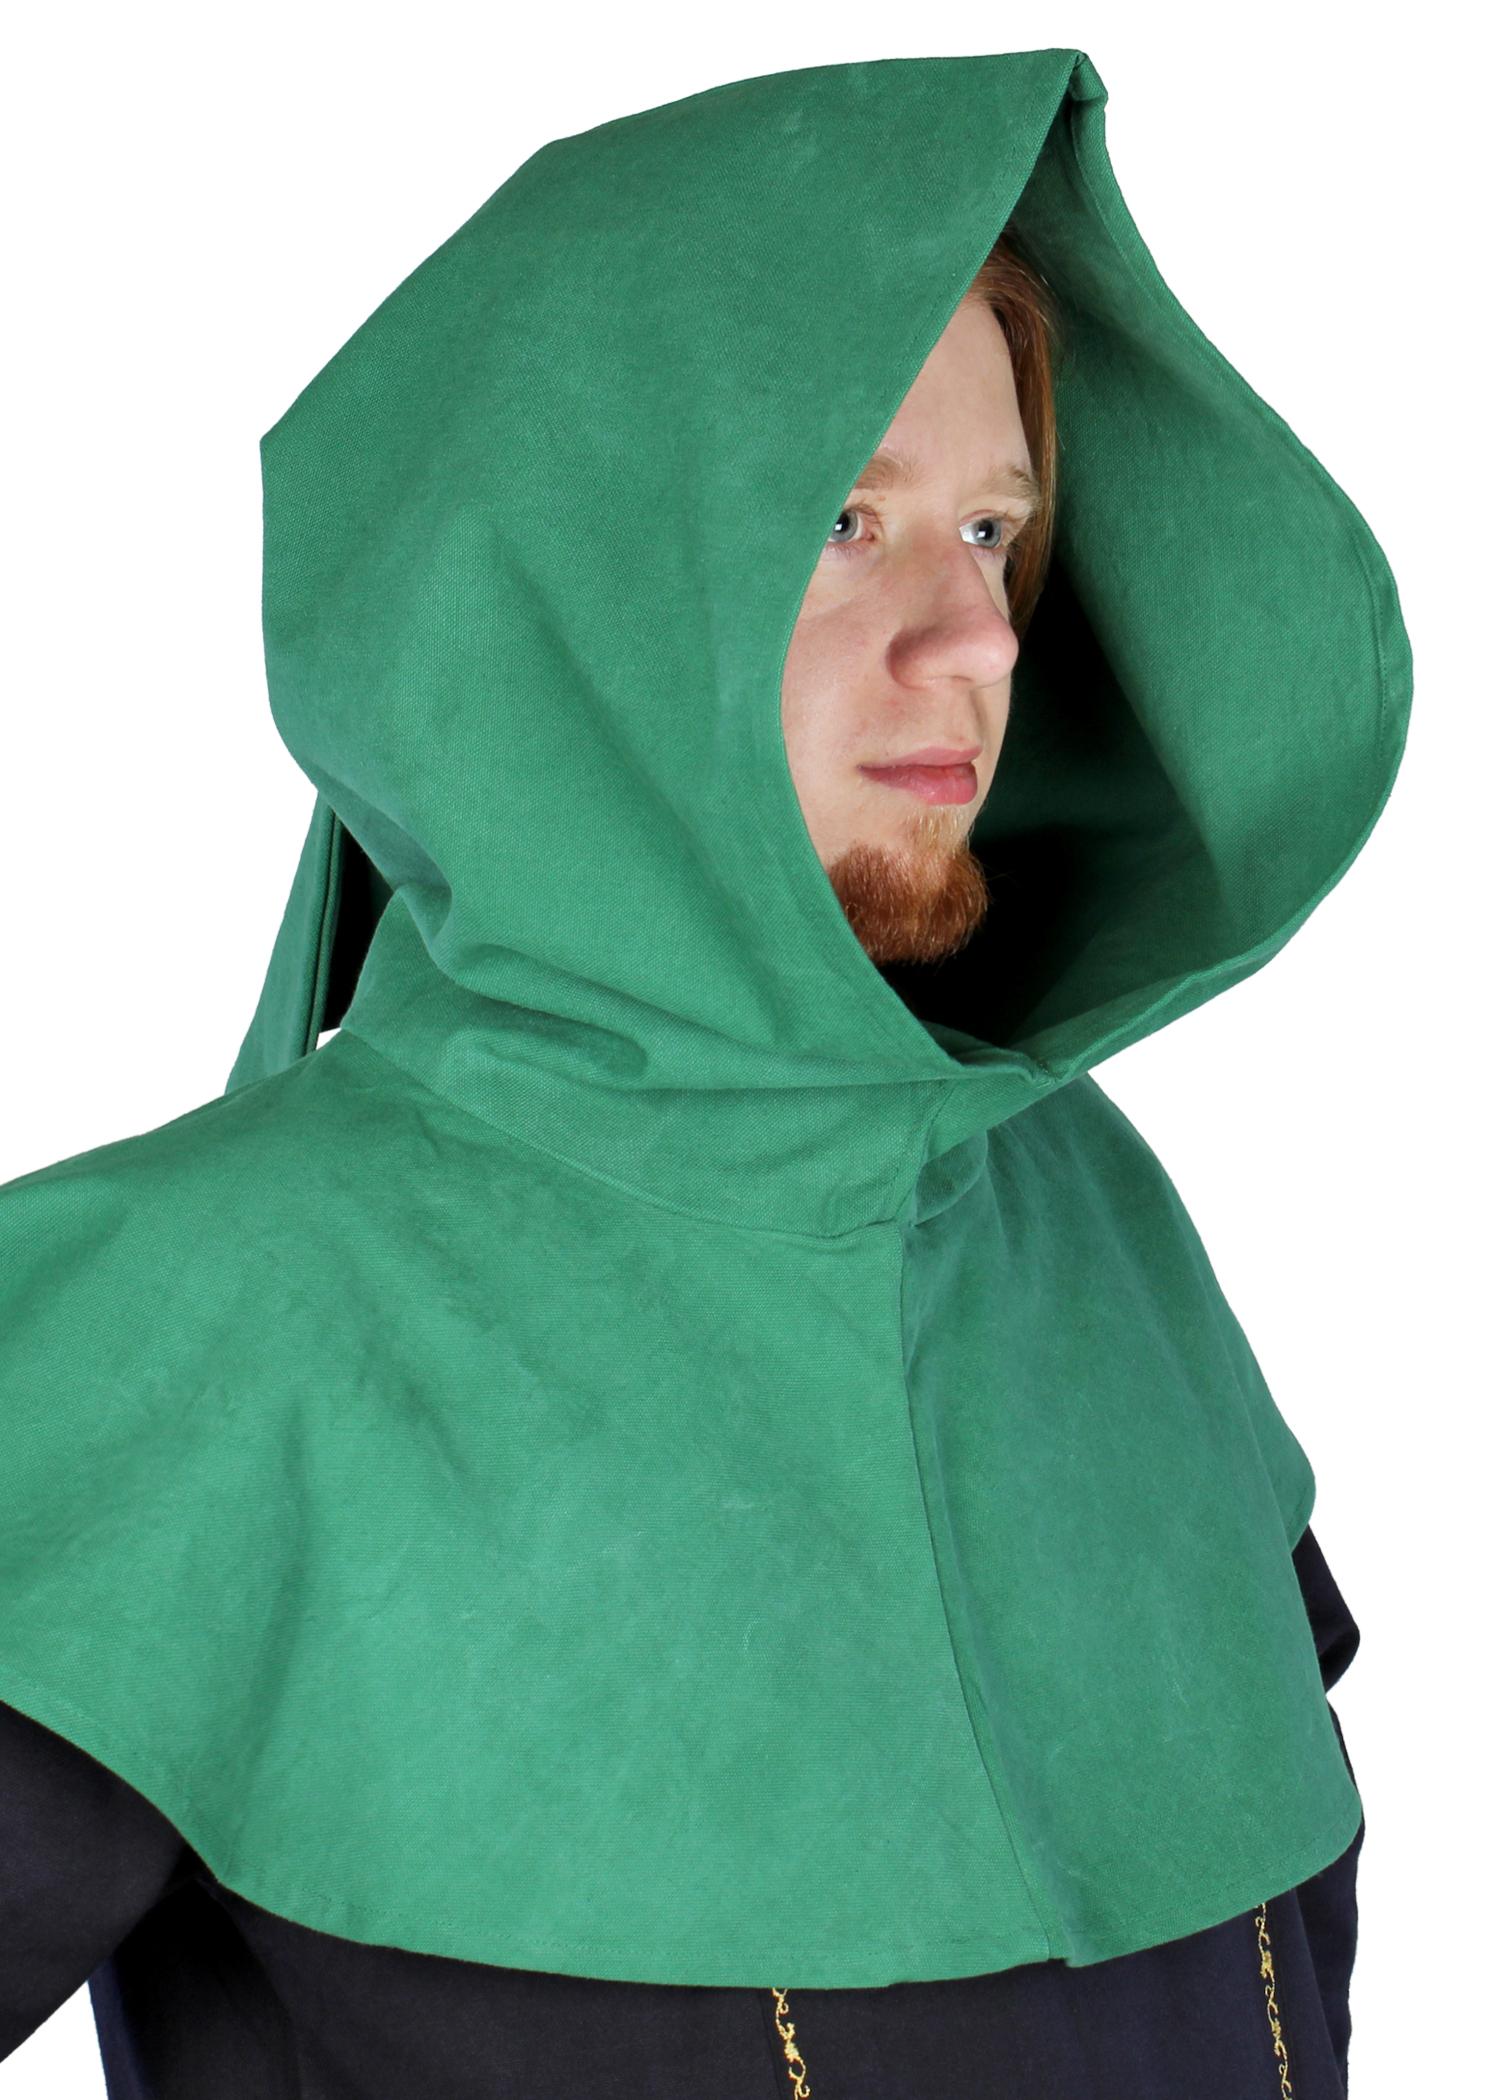 Schlichte Gugel, grün